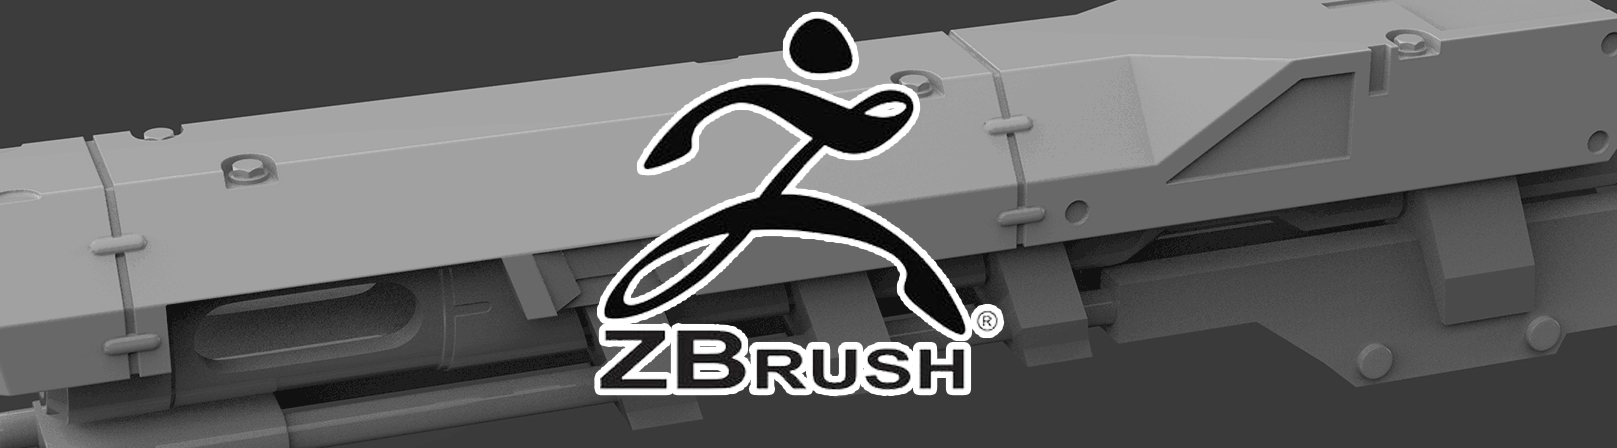 ZBrush Tips